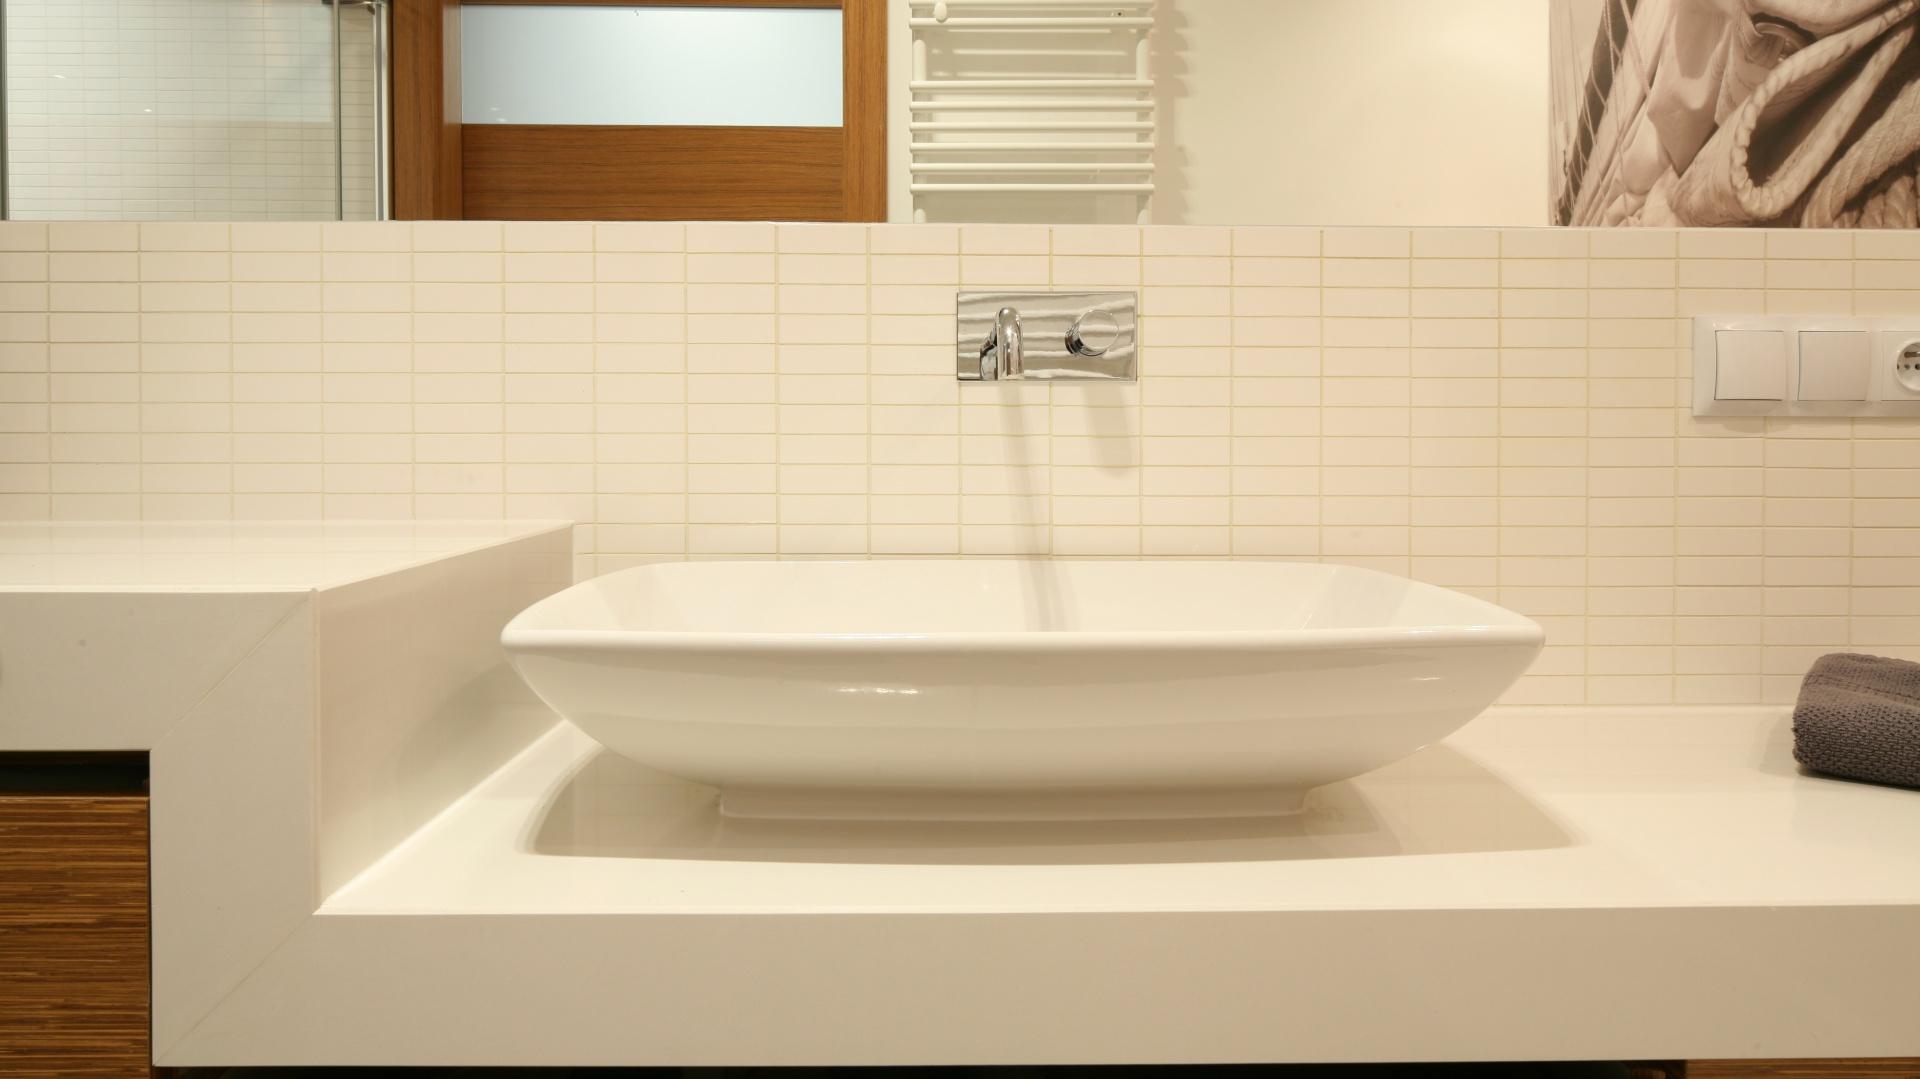 Mała łazienka Z Pralką Gotowy Projekt Na 5 Metrów